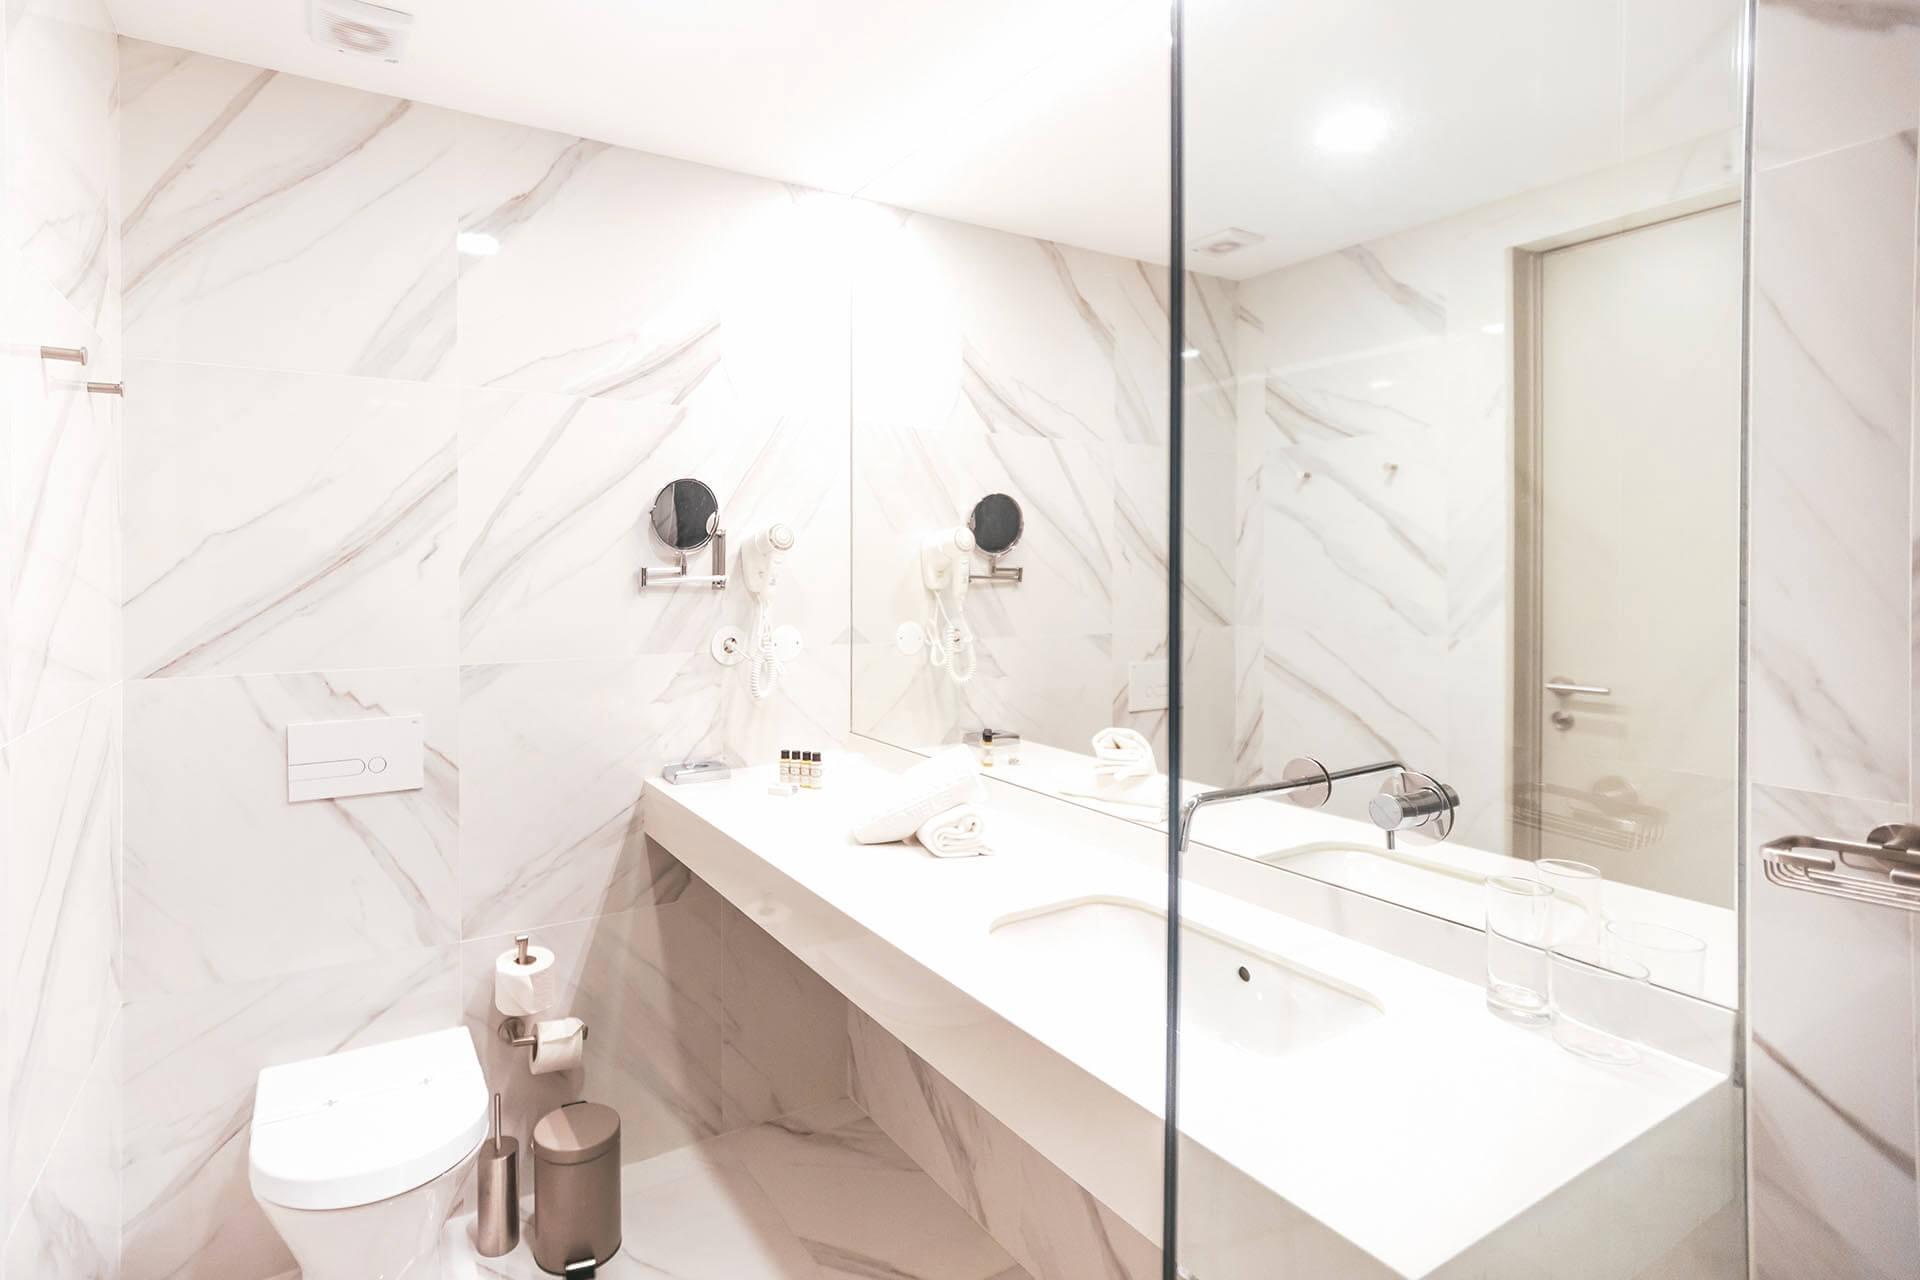 Quarto de banho WC - Ribeira Collection Hotel - Arcos de Valdevez